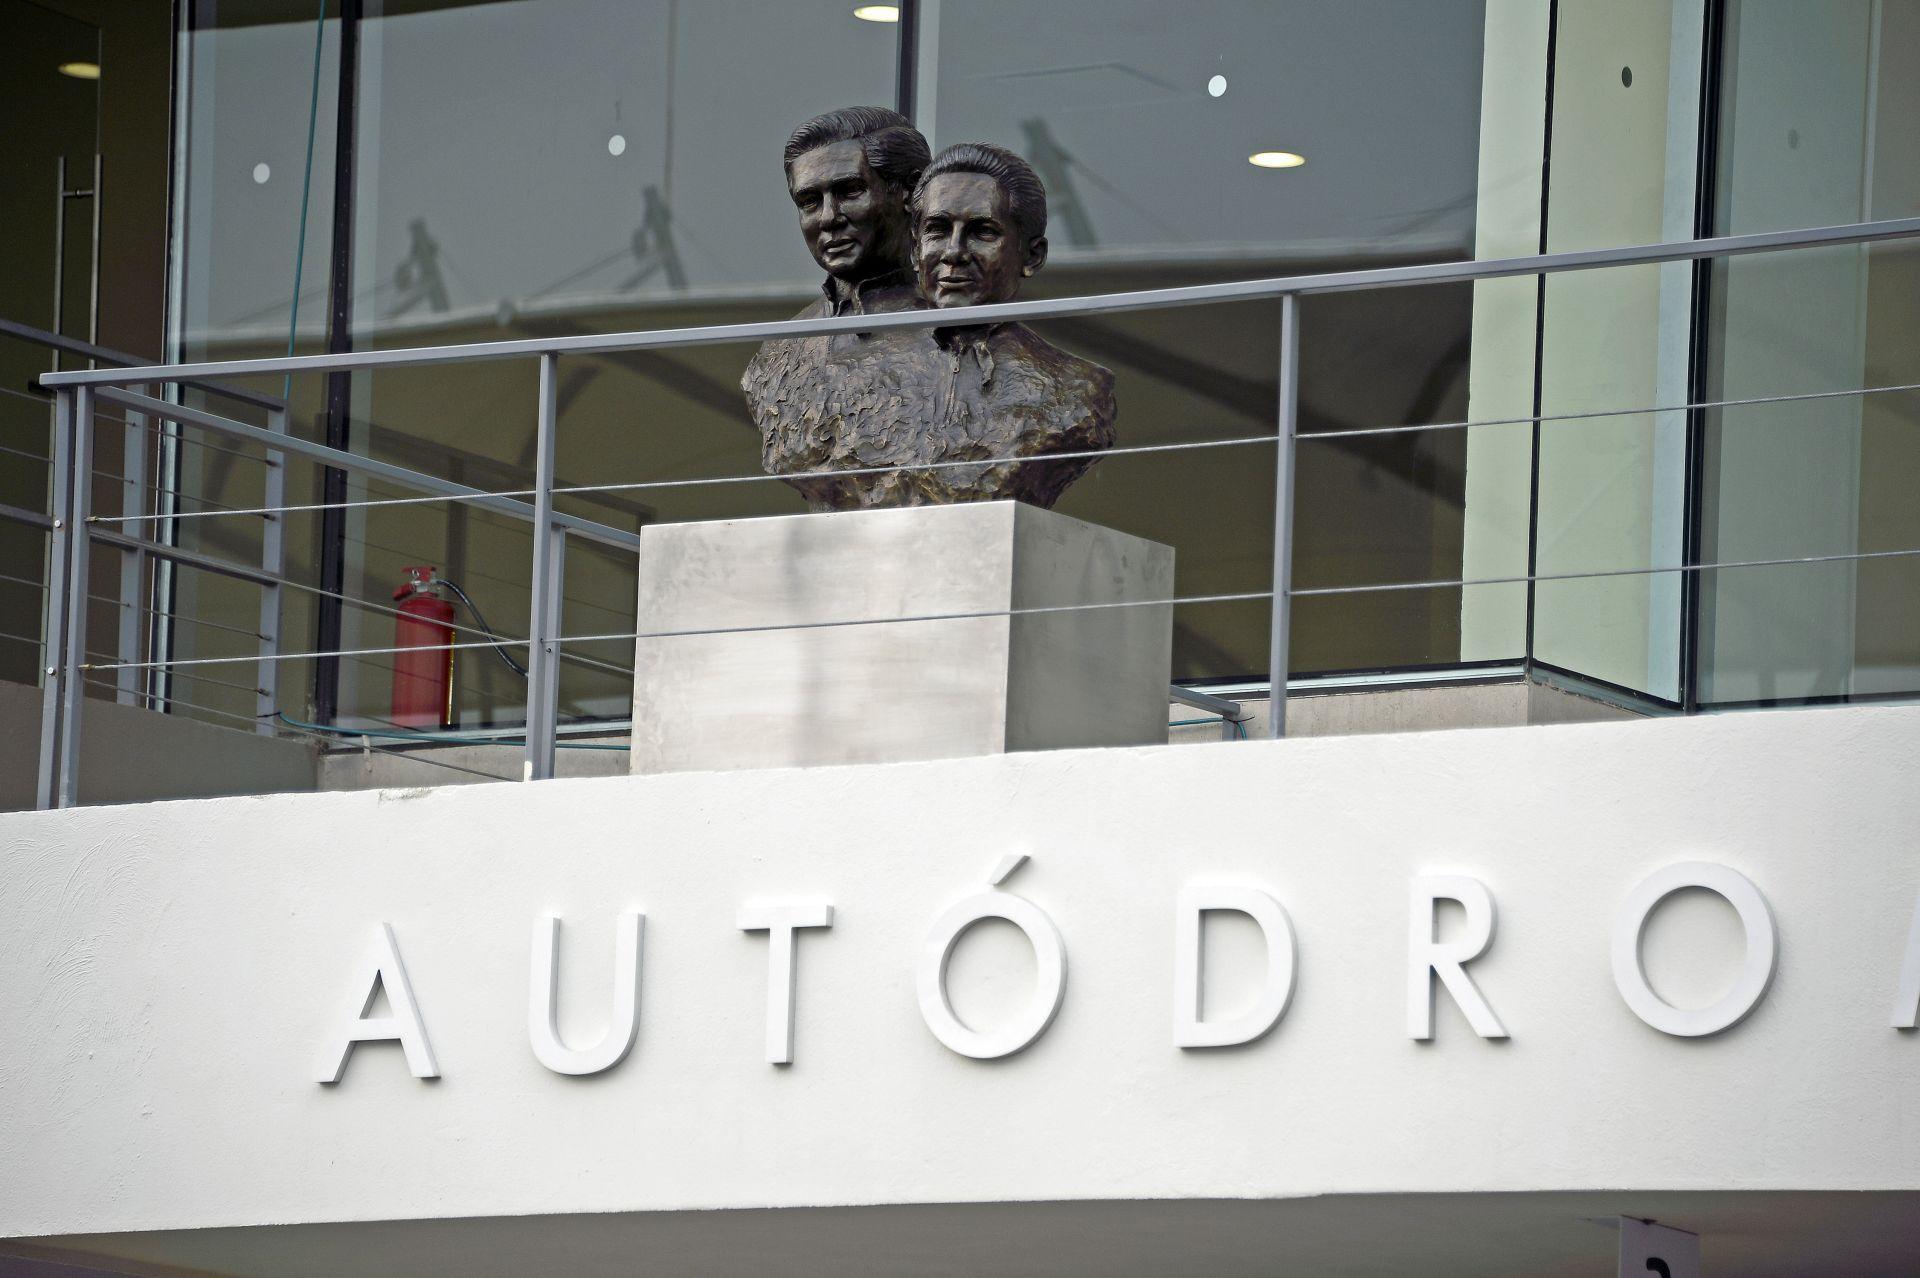 Egy tragikus F1-es történet: kikről kapta a nevét a mexikói versenypálya?